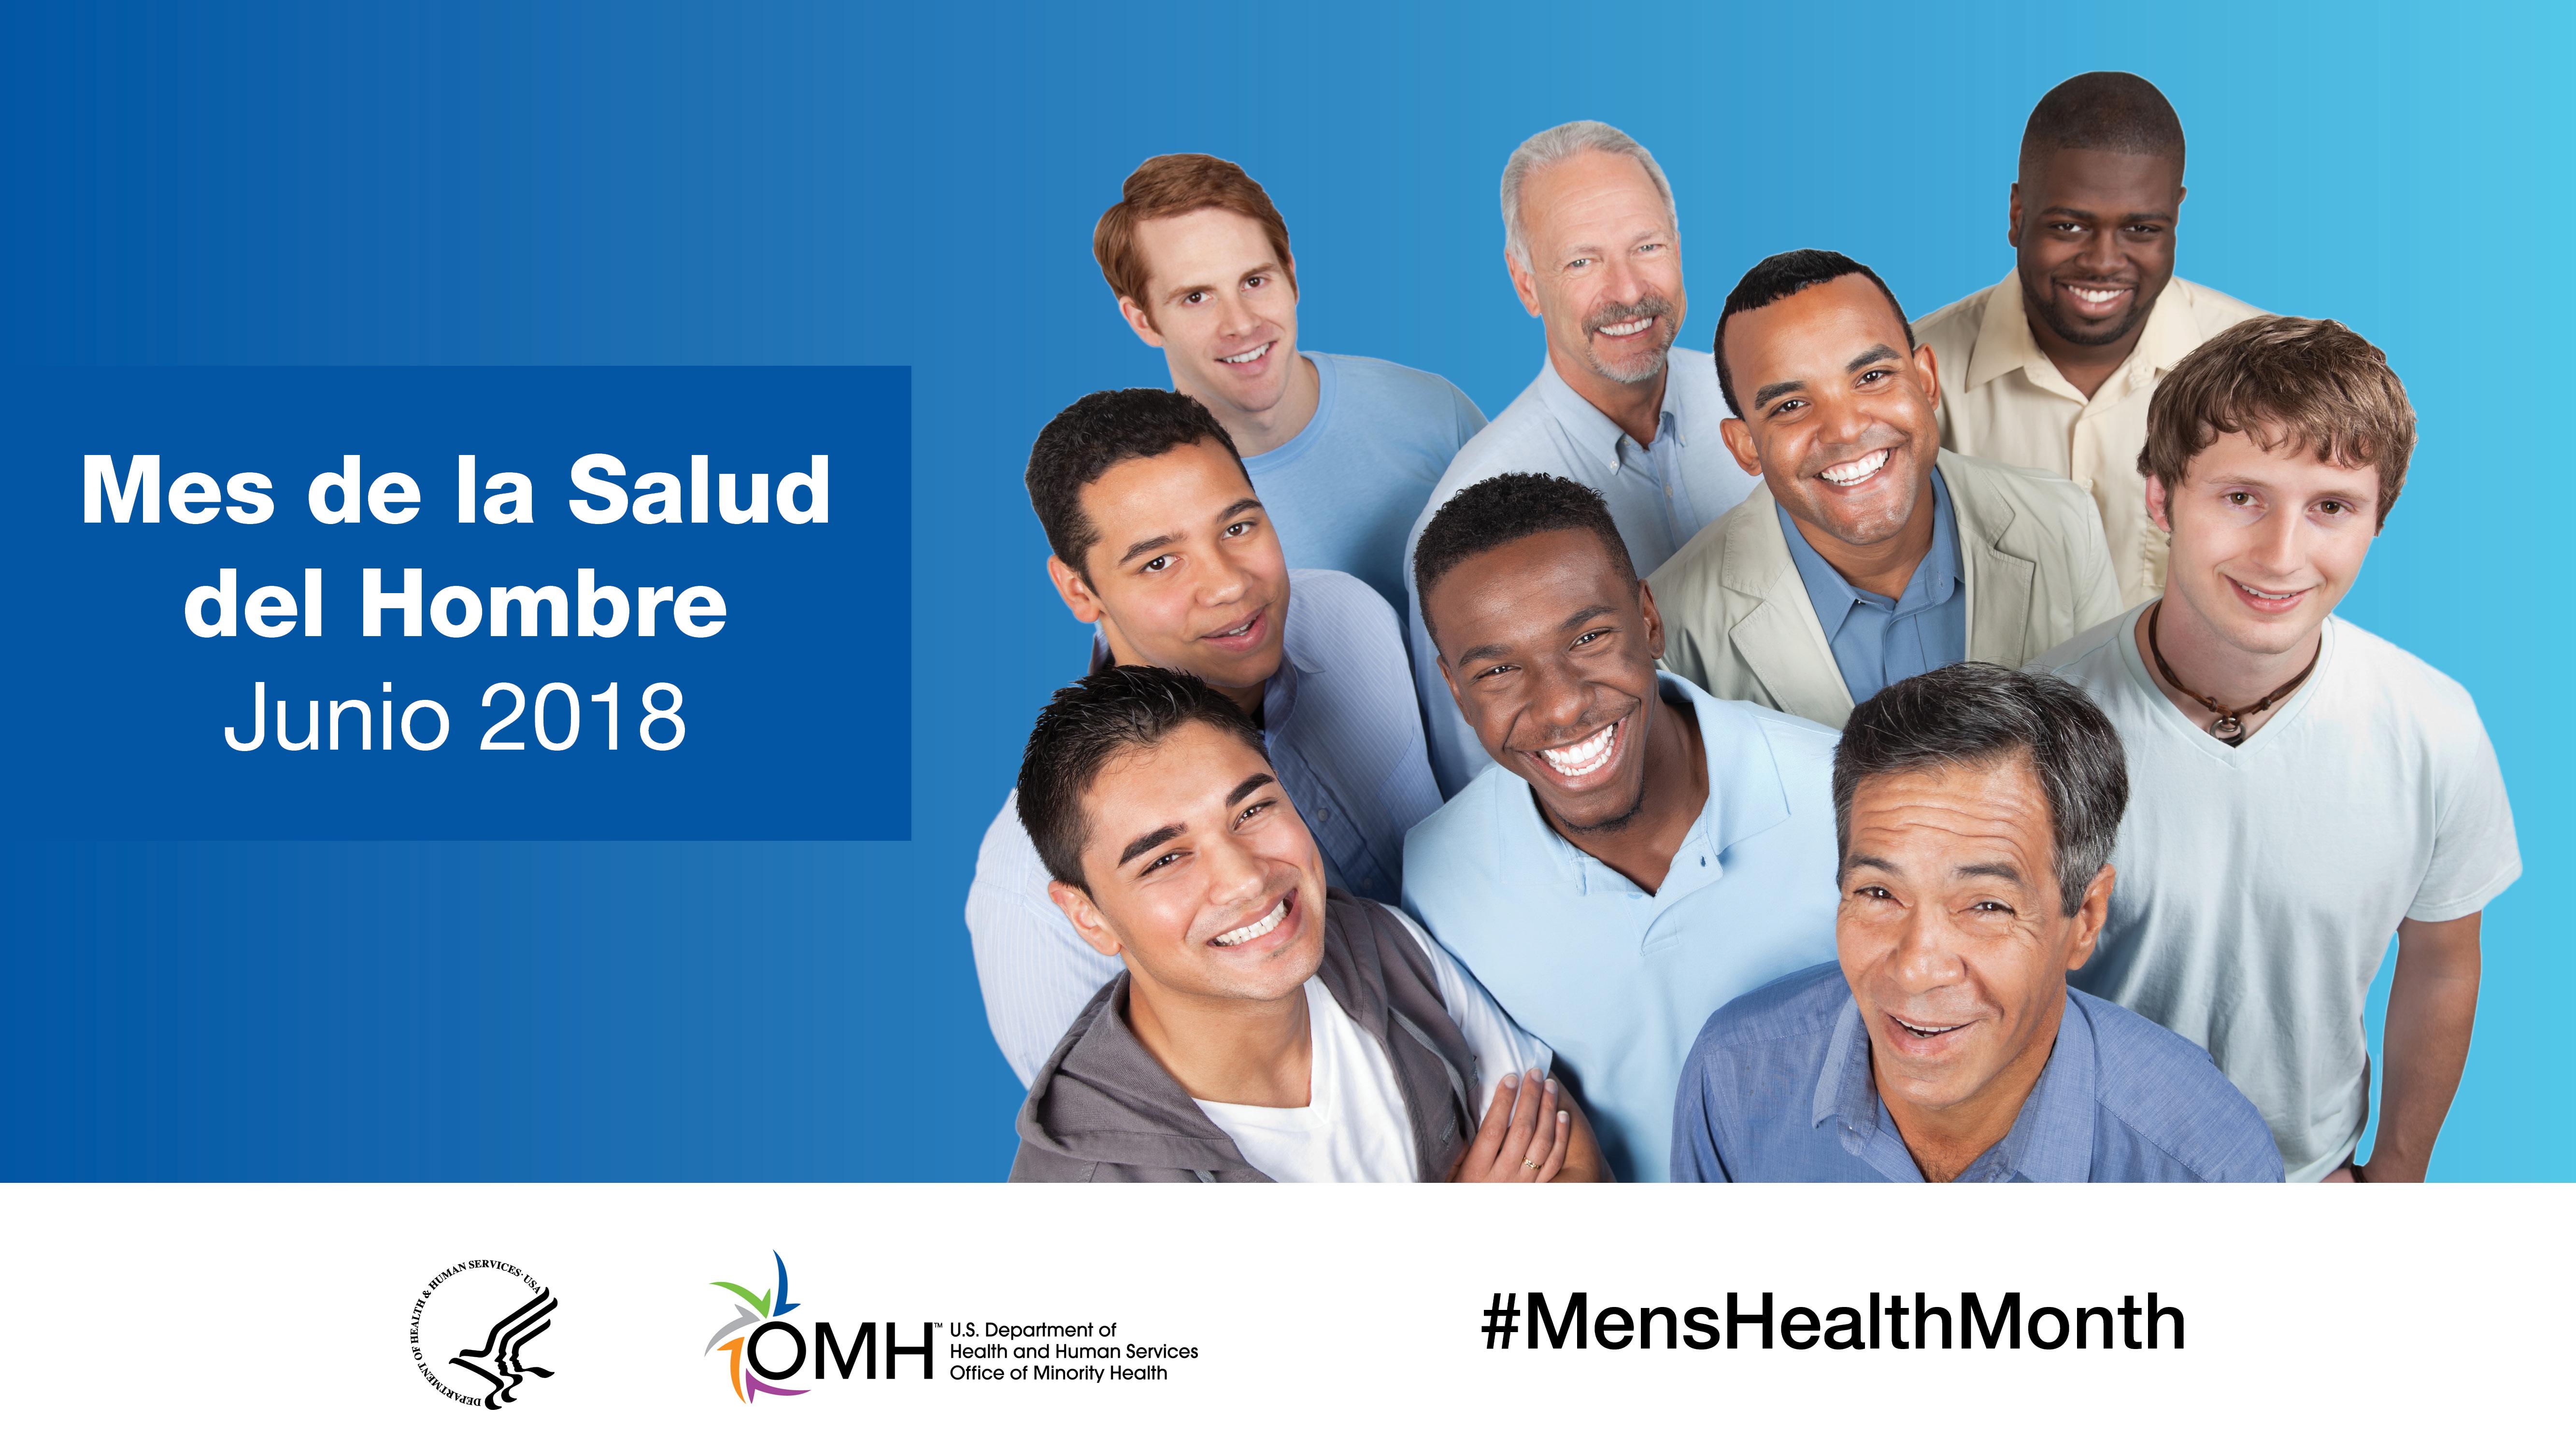 Mes de la Salud del Hombre